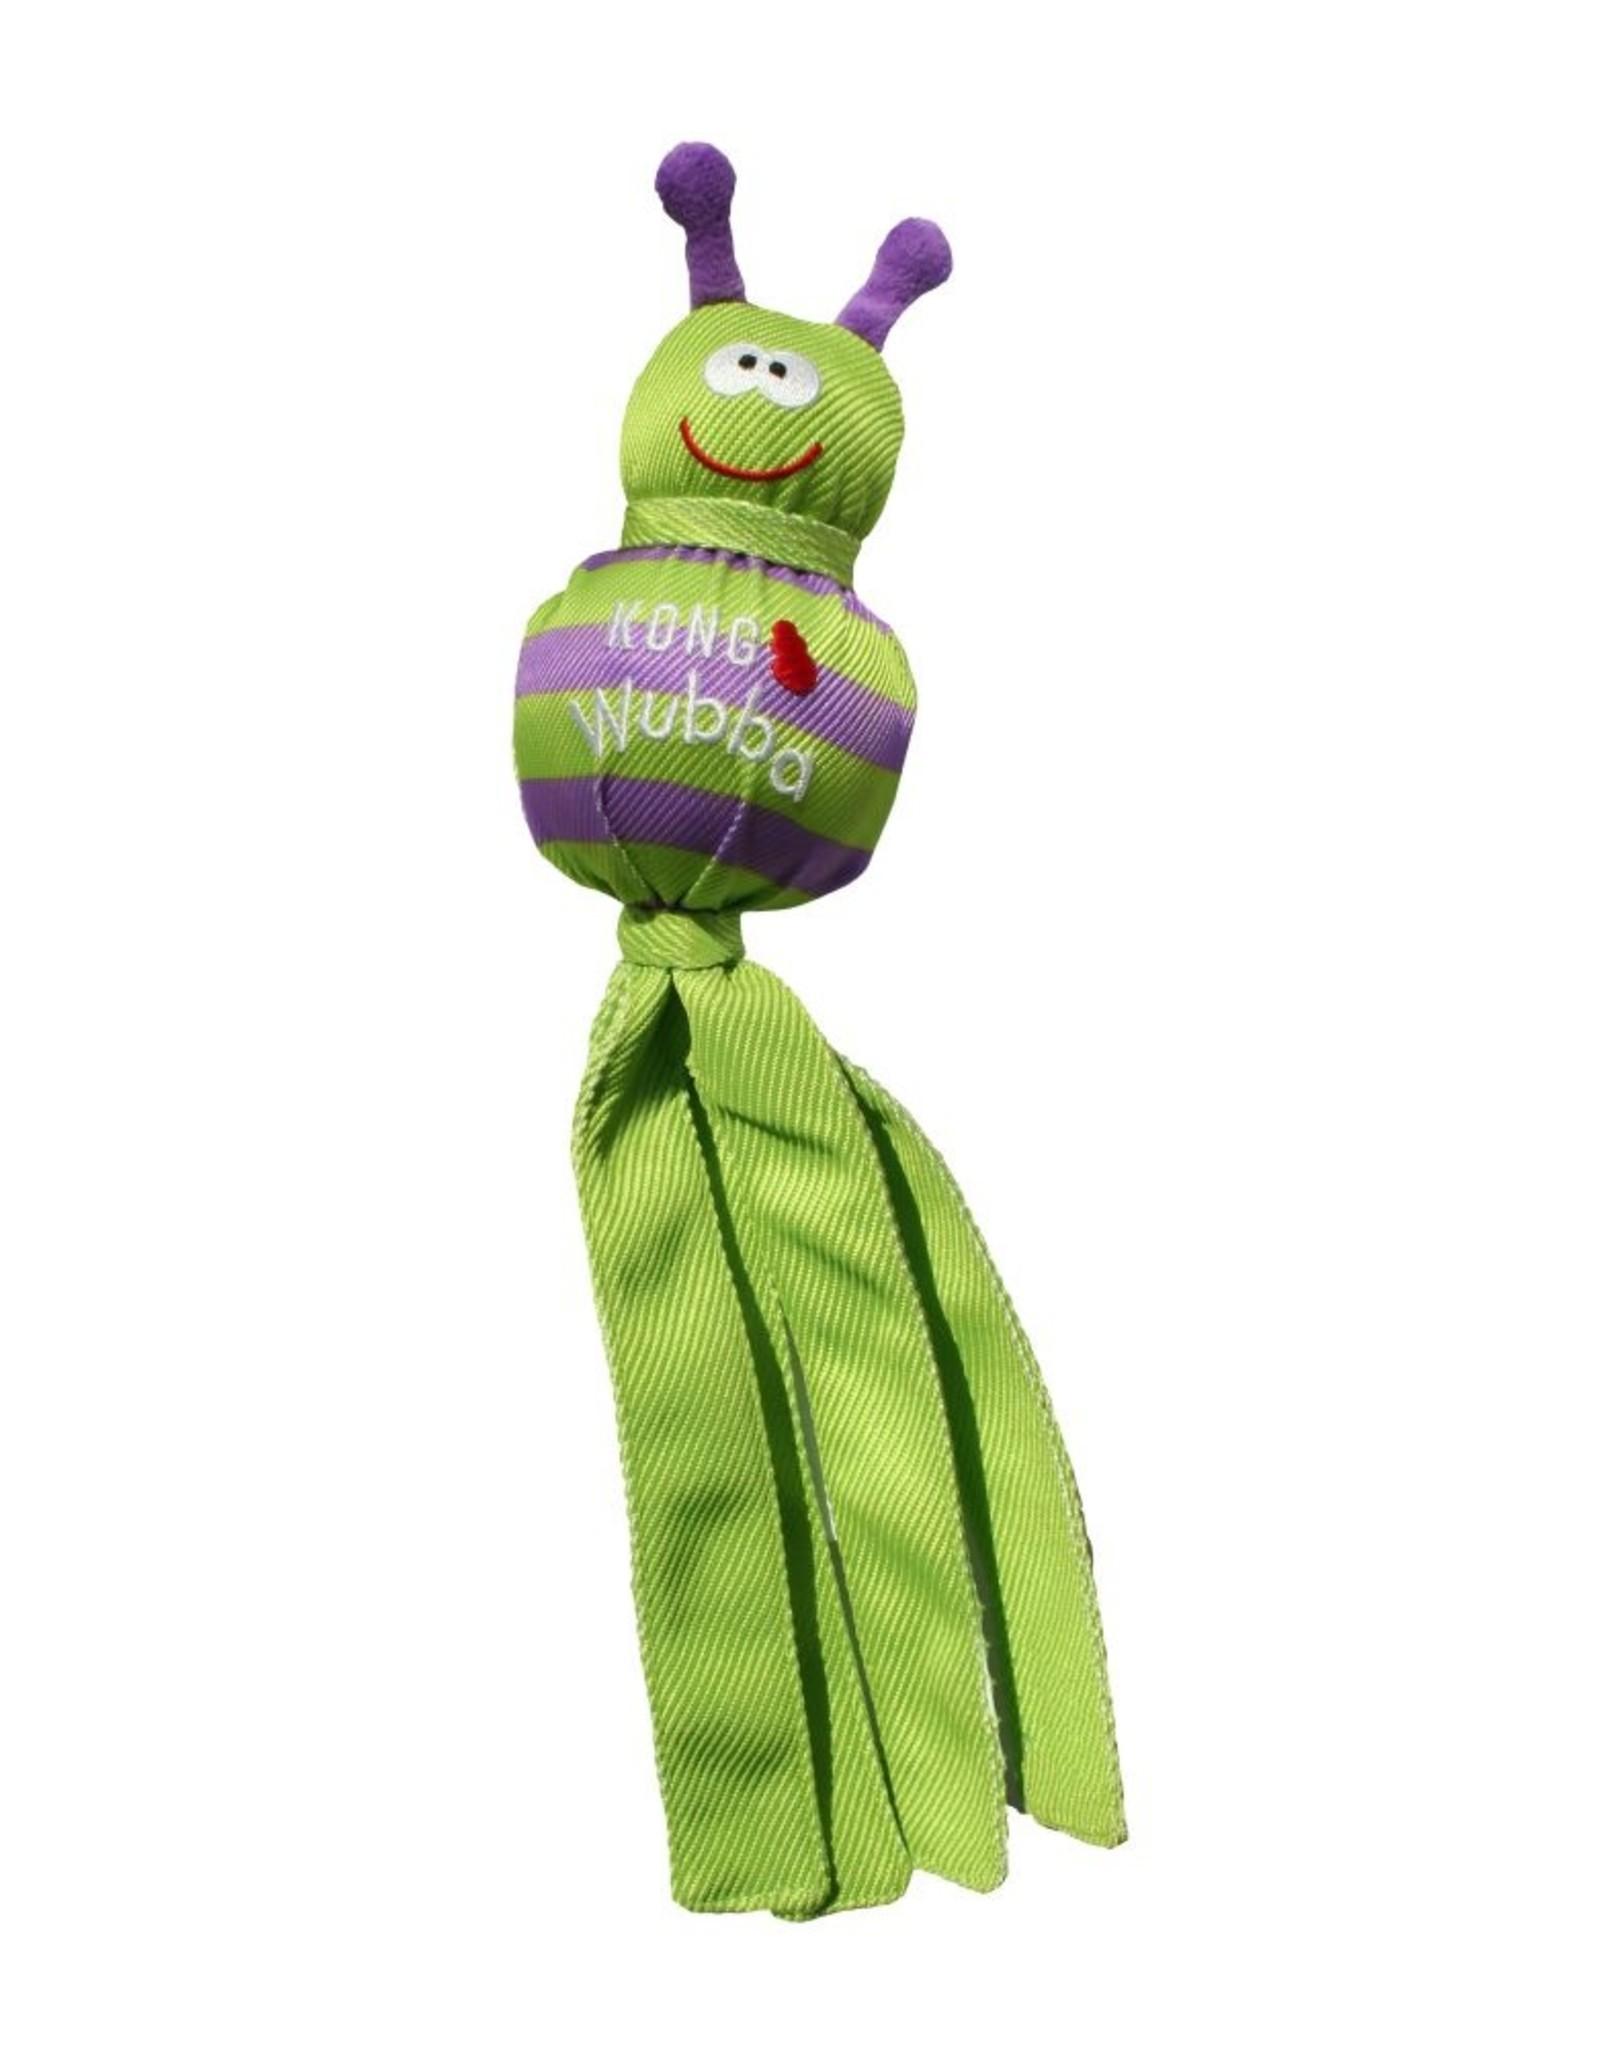 KONG KONG Wubba Bug Large